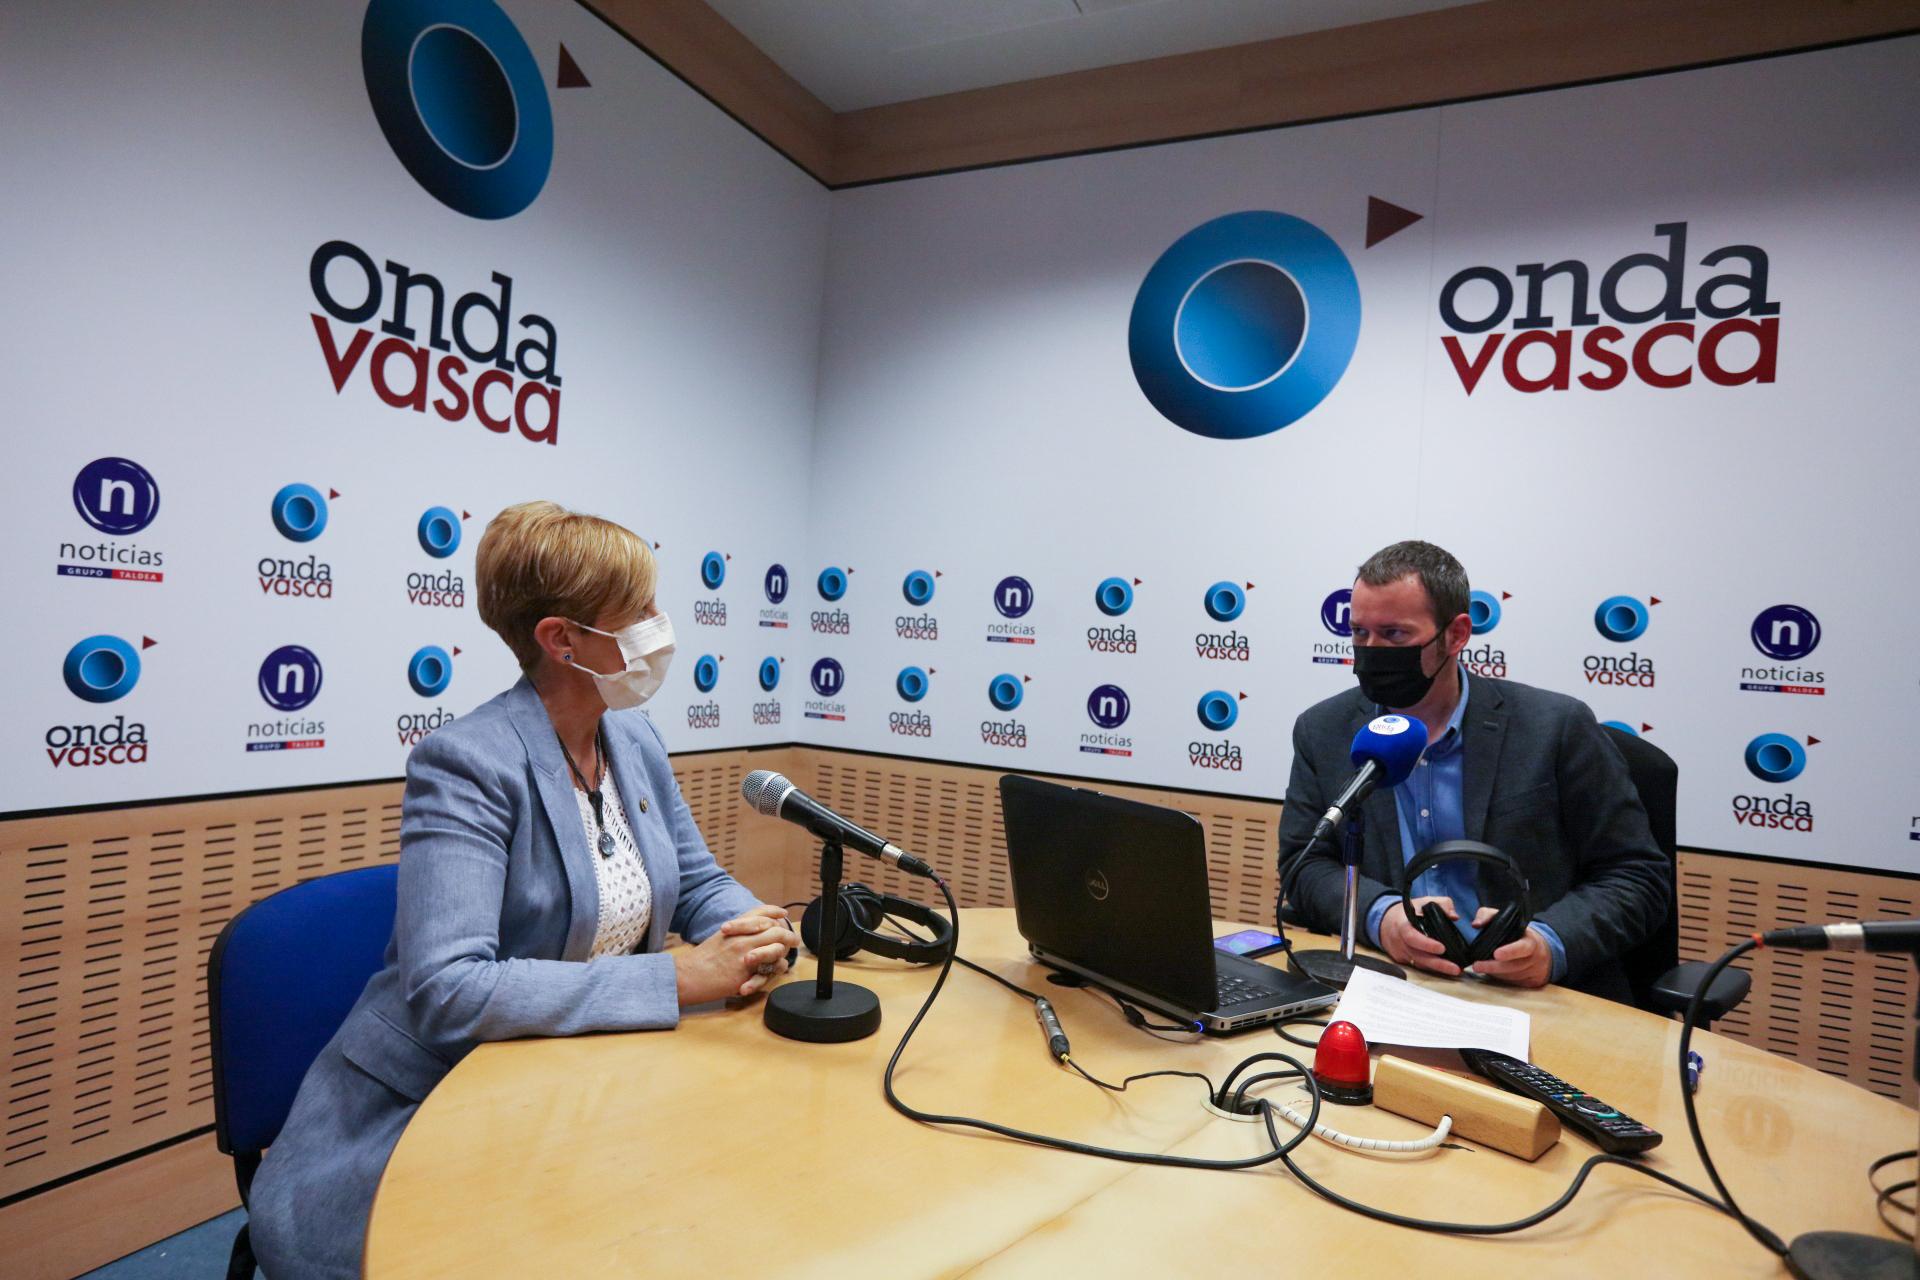 Tapia_Onda_Vasca_8.jpg